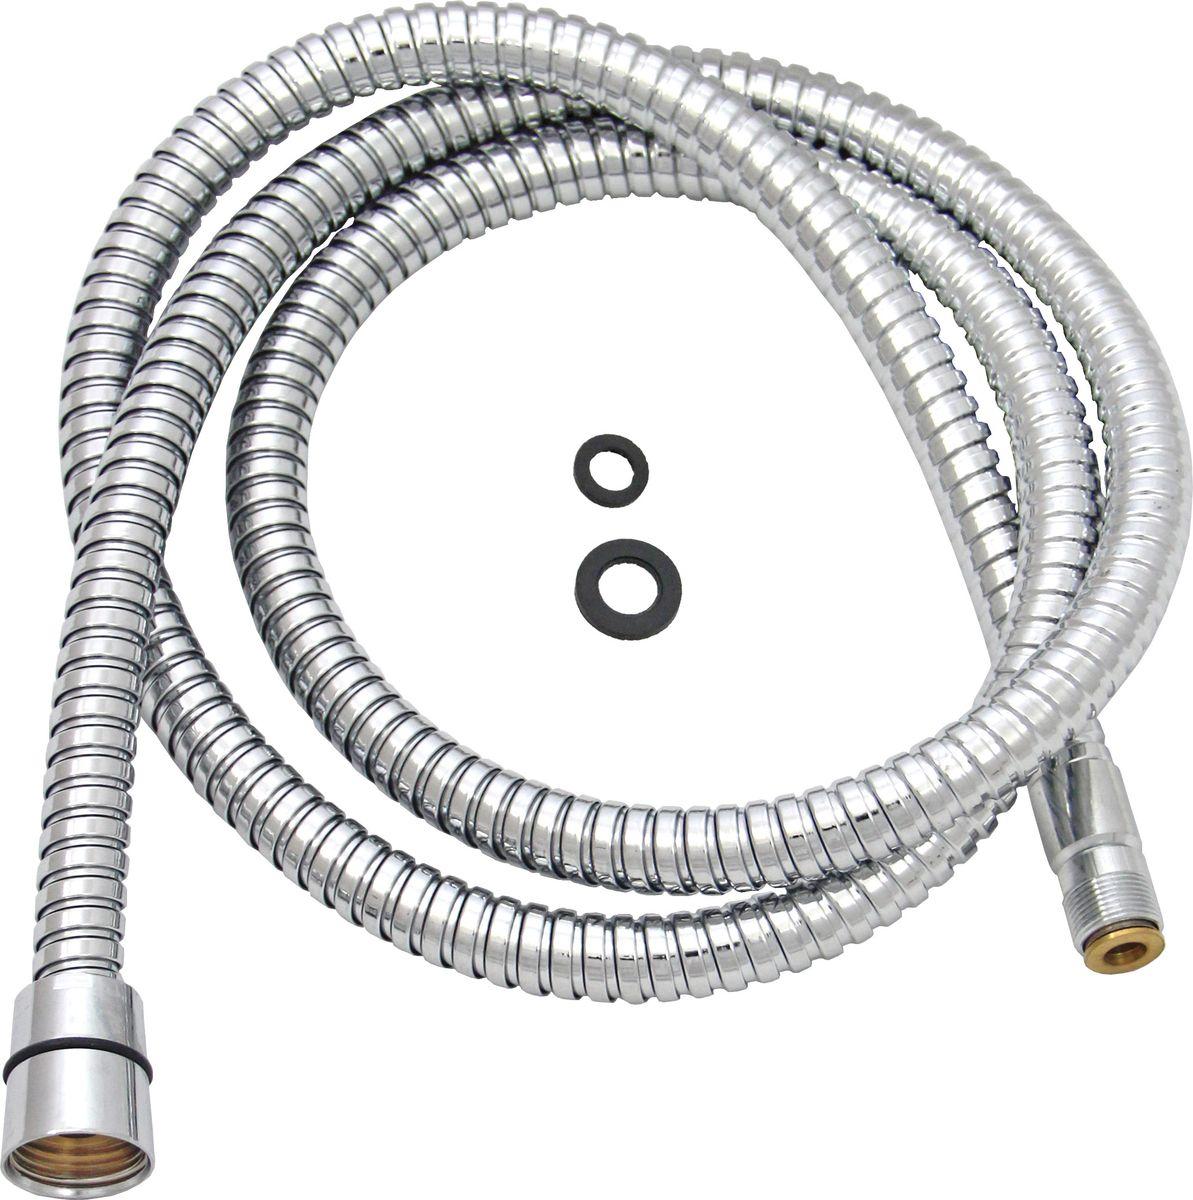 Шланг для смесителя Argo Jamaica-Metall, с вытяжной лейкой, М15x1 х 1/2, 150 см цена